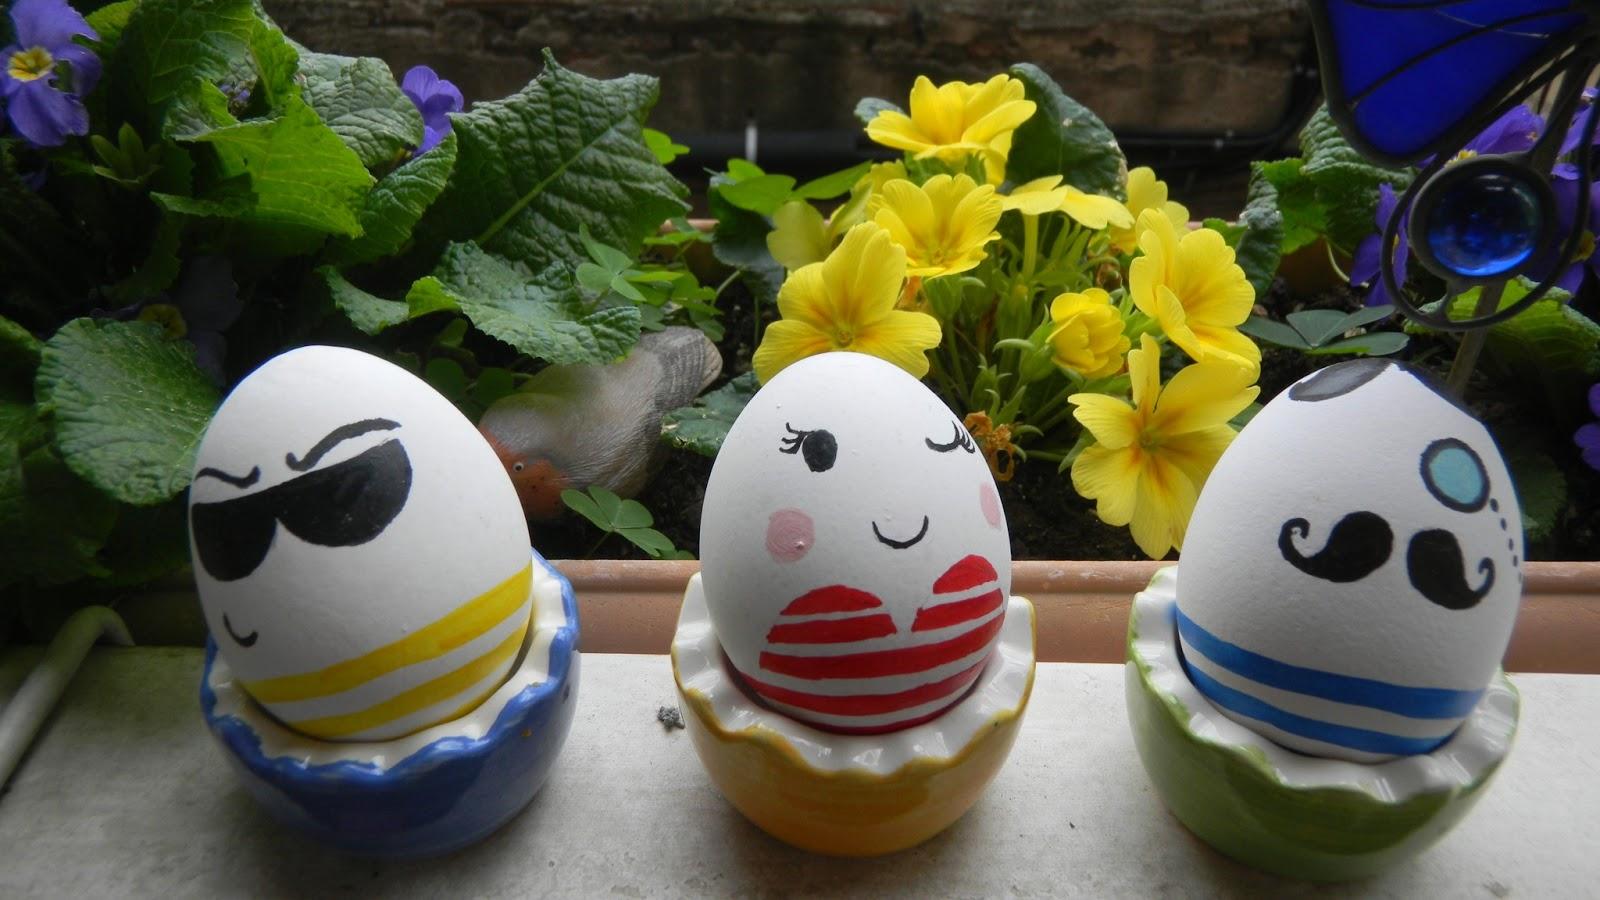 huevos de pascua decorados vol 3 21 fotos imagenes y